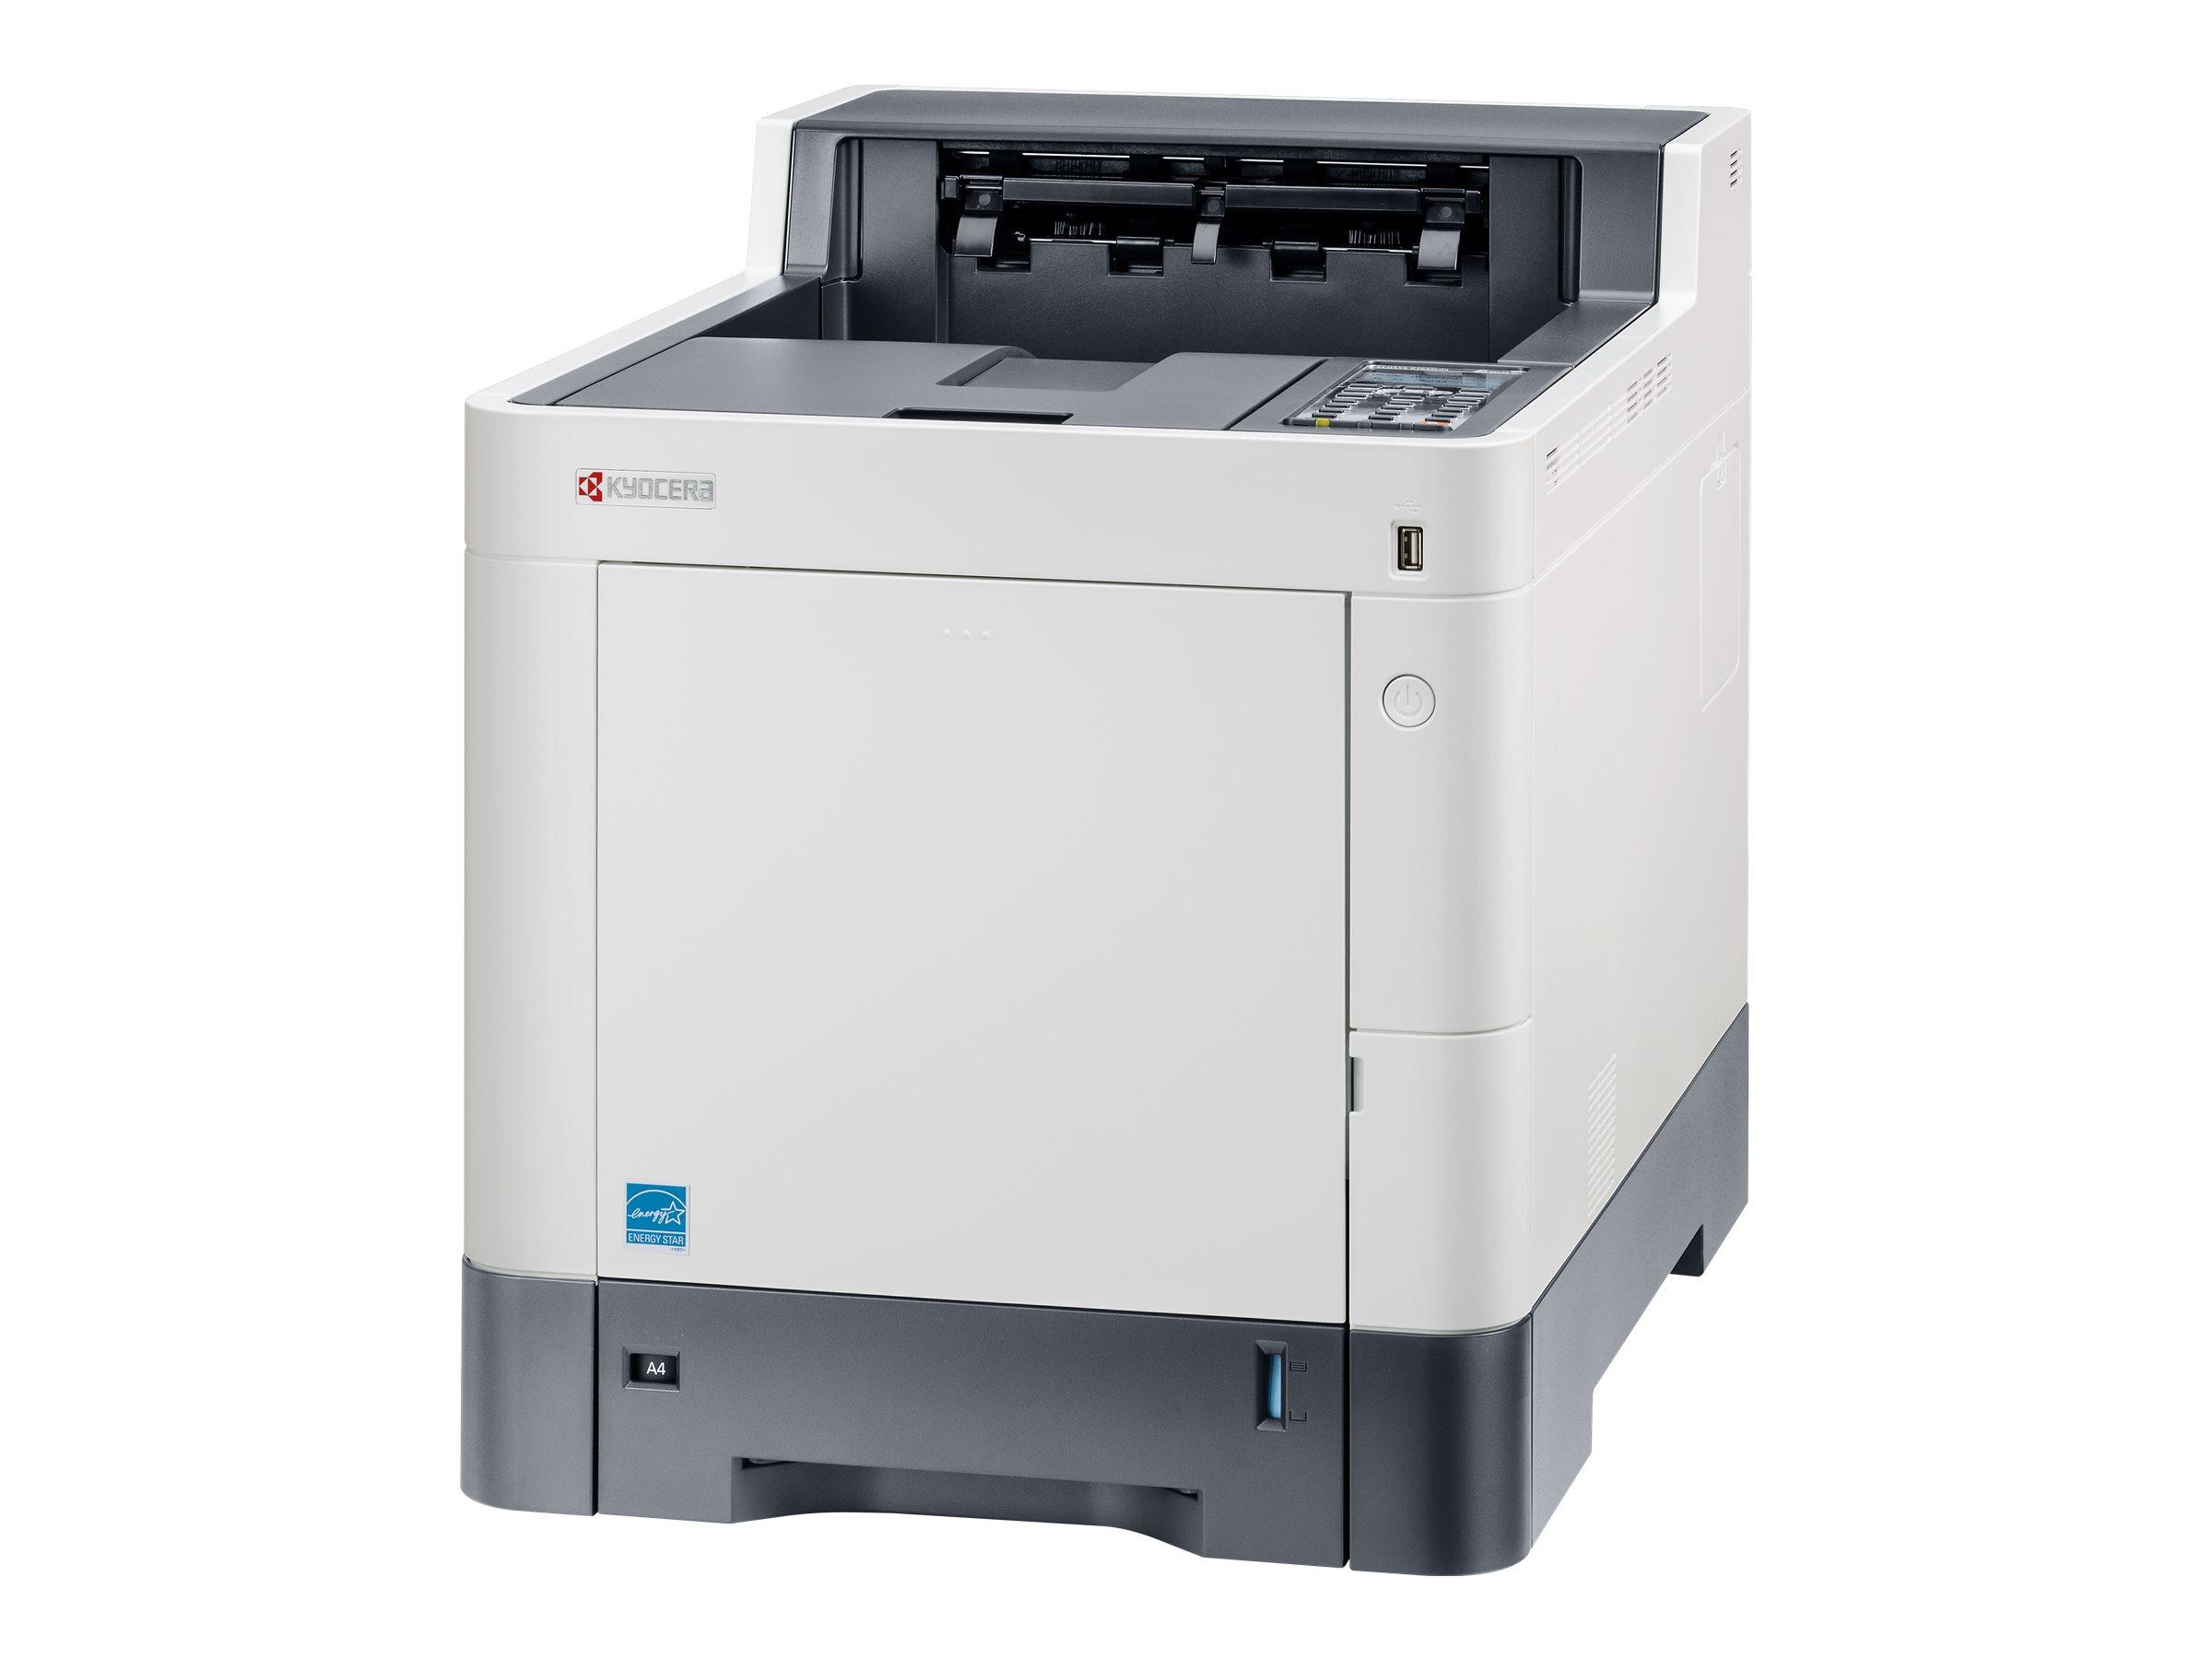 Vorschau: Kyocera ECOSYS P7040cdn - Drucker